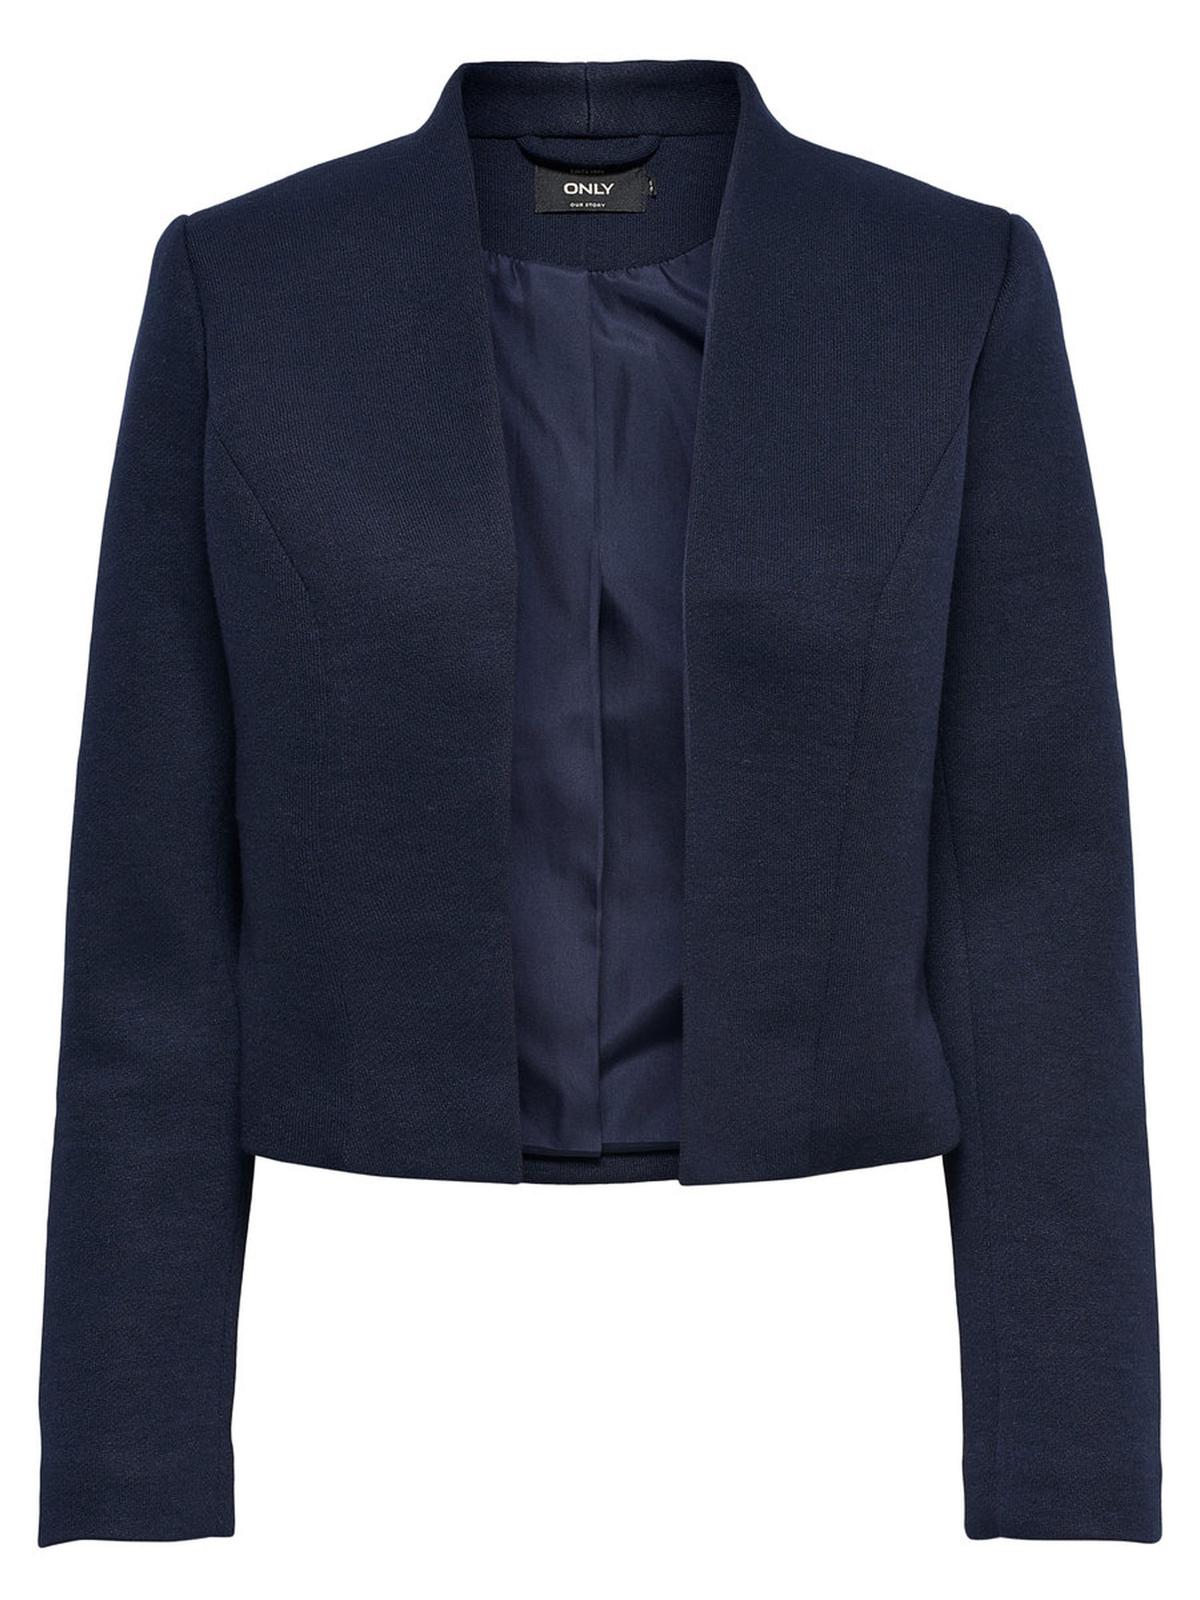 only kurzer damen blazer sakko jacket ohne verschlu kurz schwarz blau rosa neu ebay. Black Bedroom Furniture Sets. Home Design Ideas